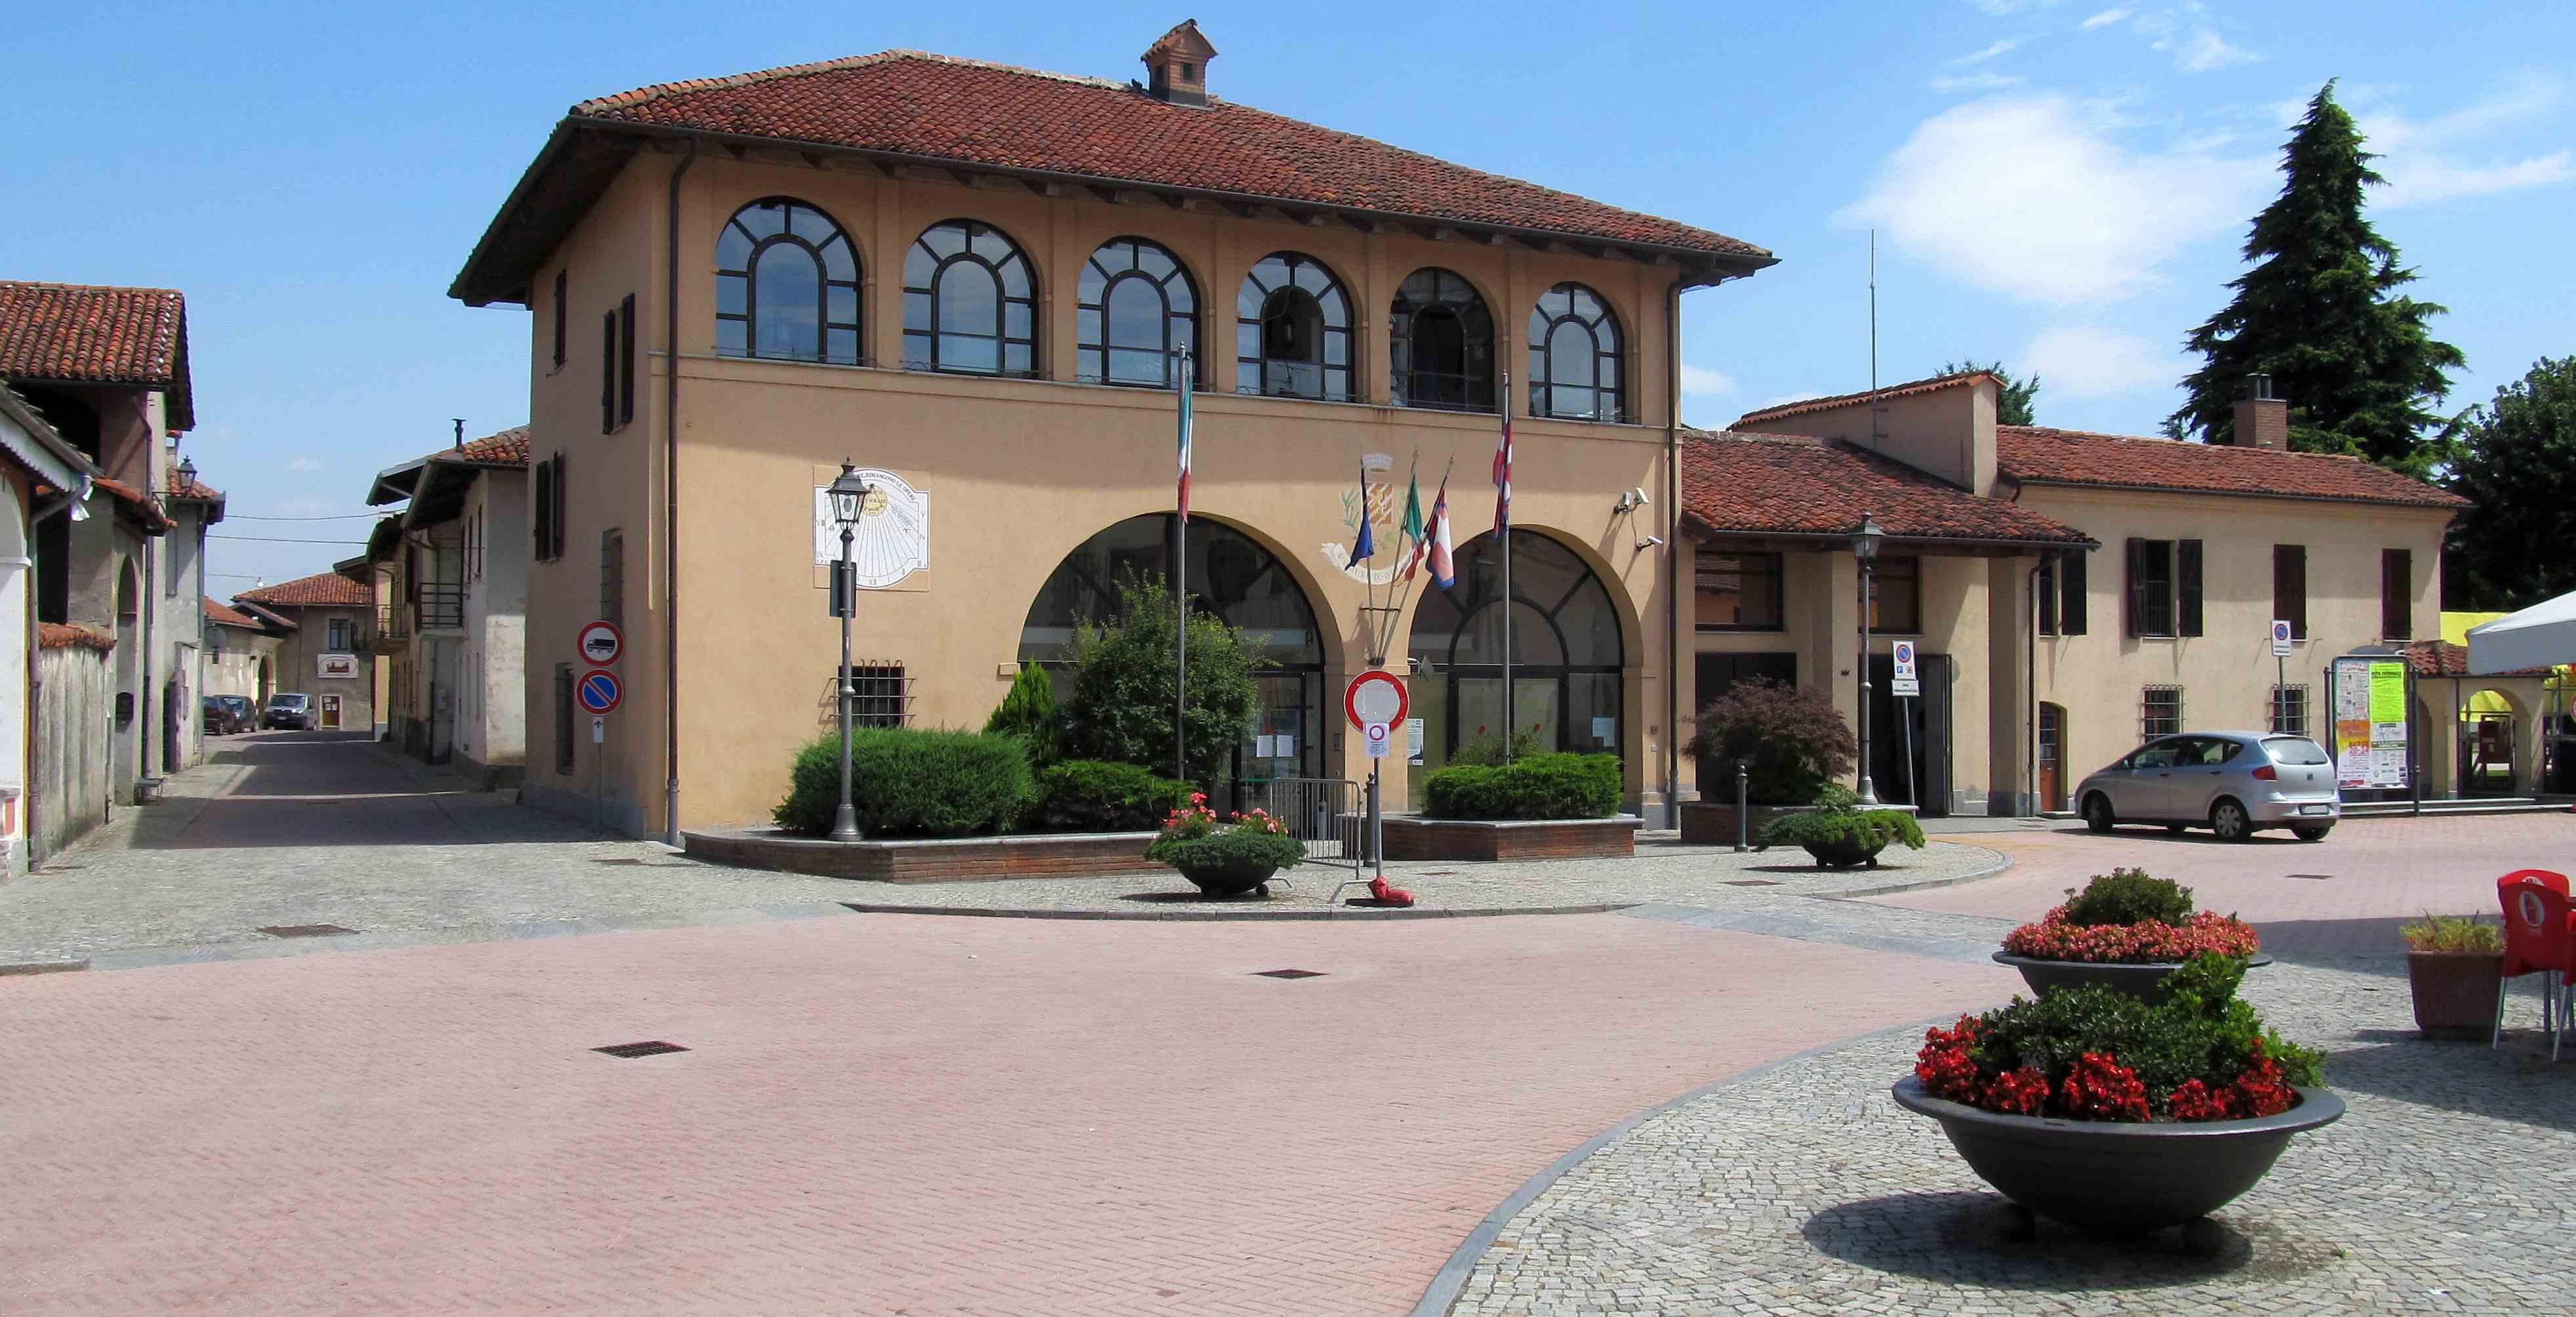 Osasco (Italie)